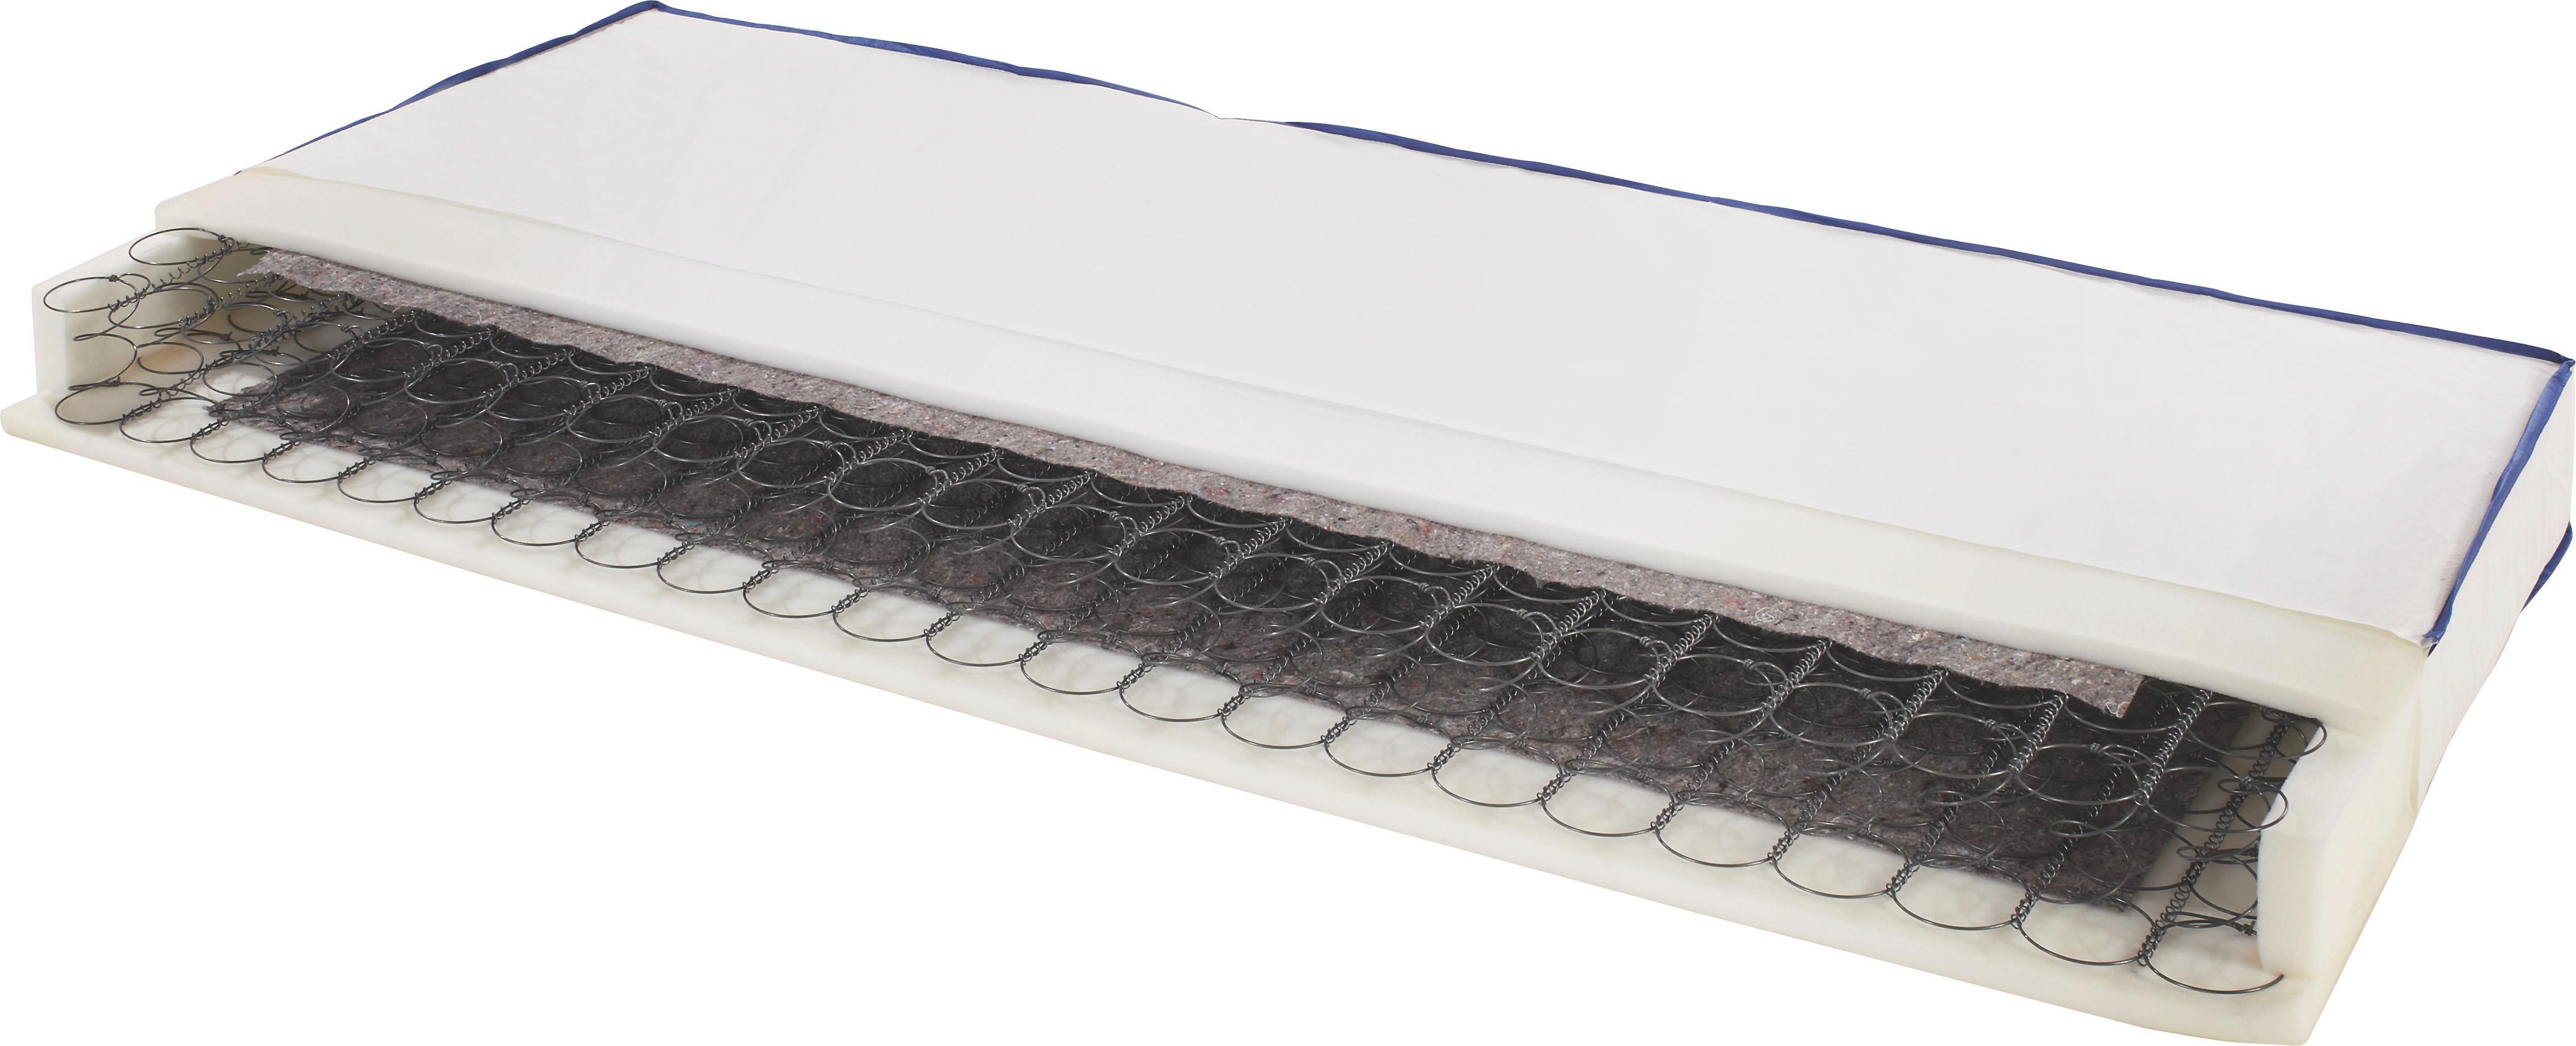 Federkernmatratze  Federkernmatratze Coppy H2 90x200 online kaufen ➤ Möbelix